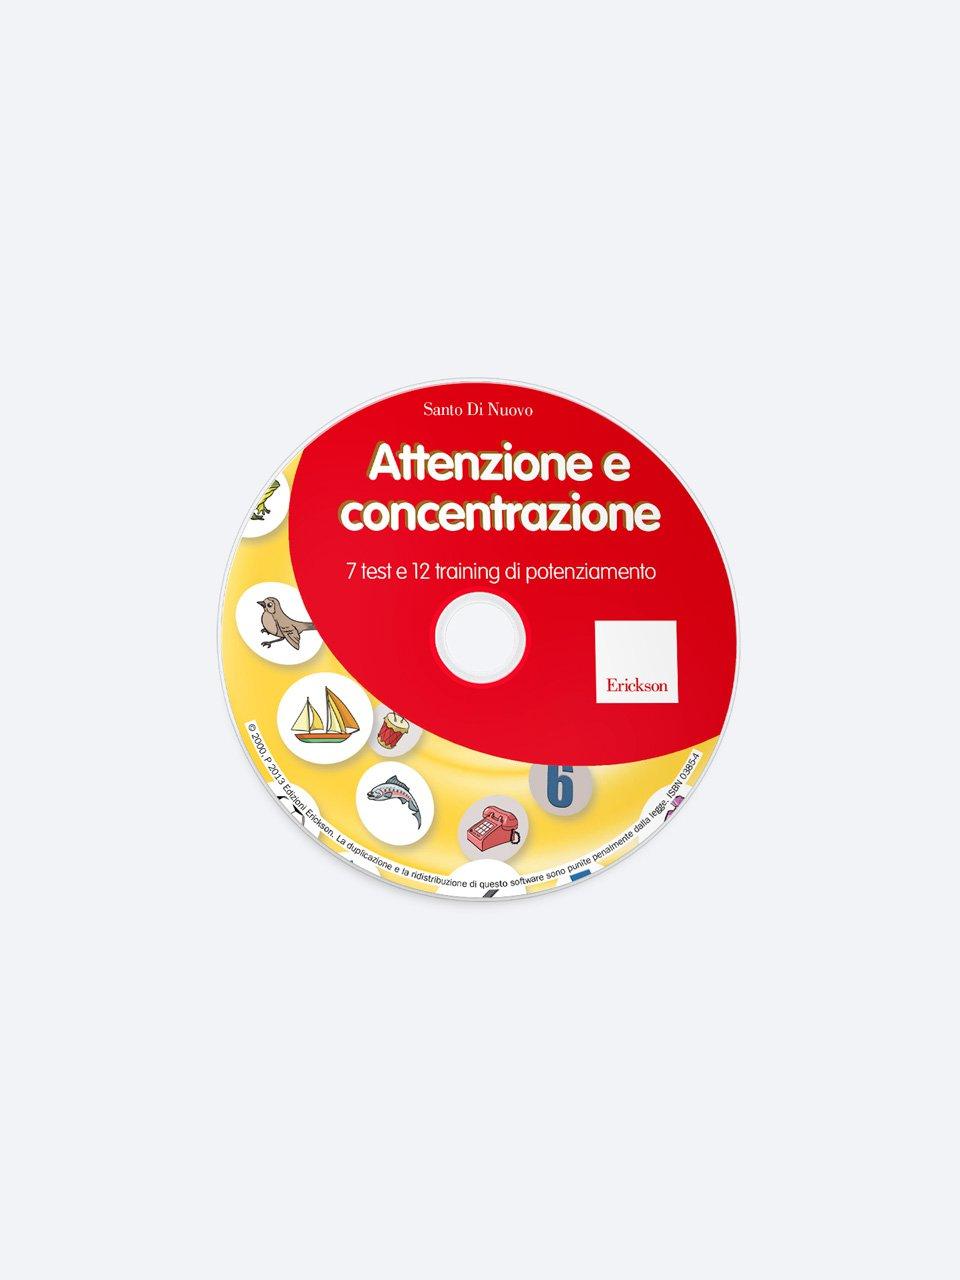 Attenzione e concentrazione - ADHD Homework Tutor®. - Formazione - Erickson